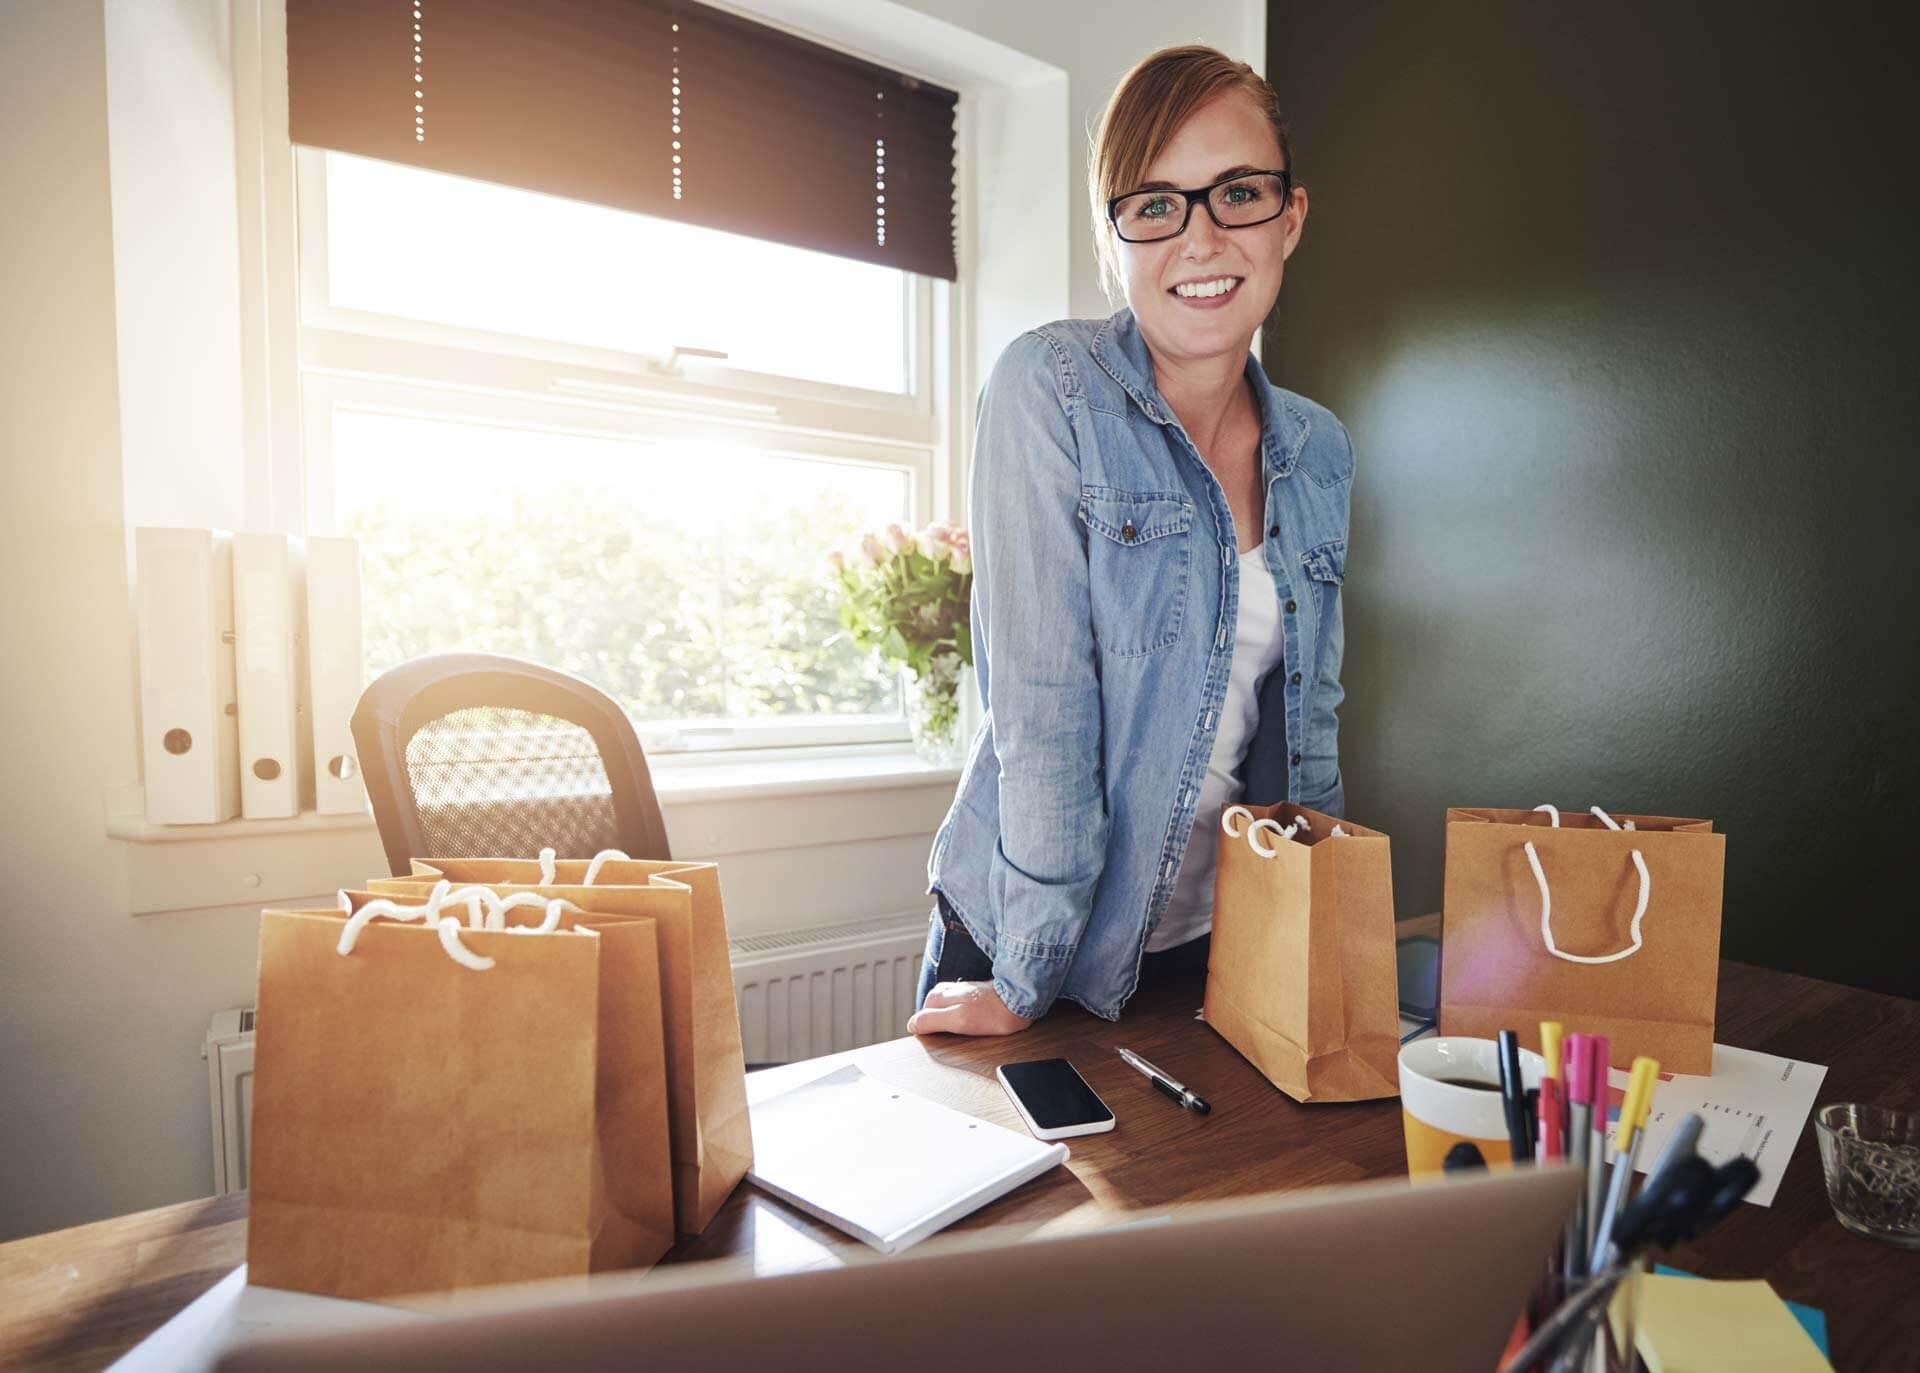 Frau mit Taschen lehtn an Schreibtisch